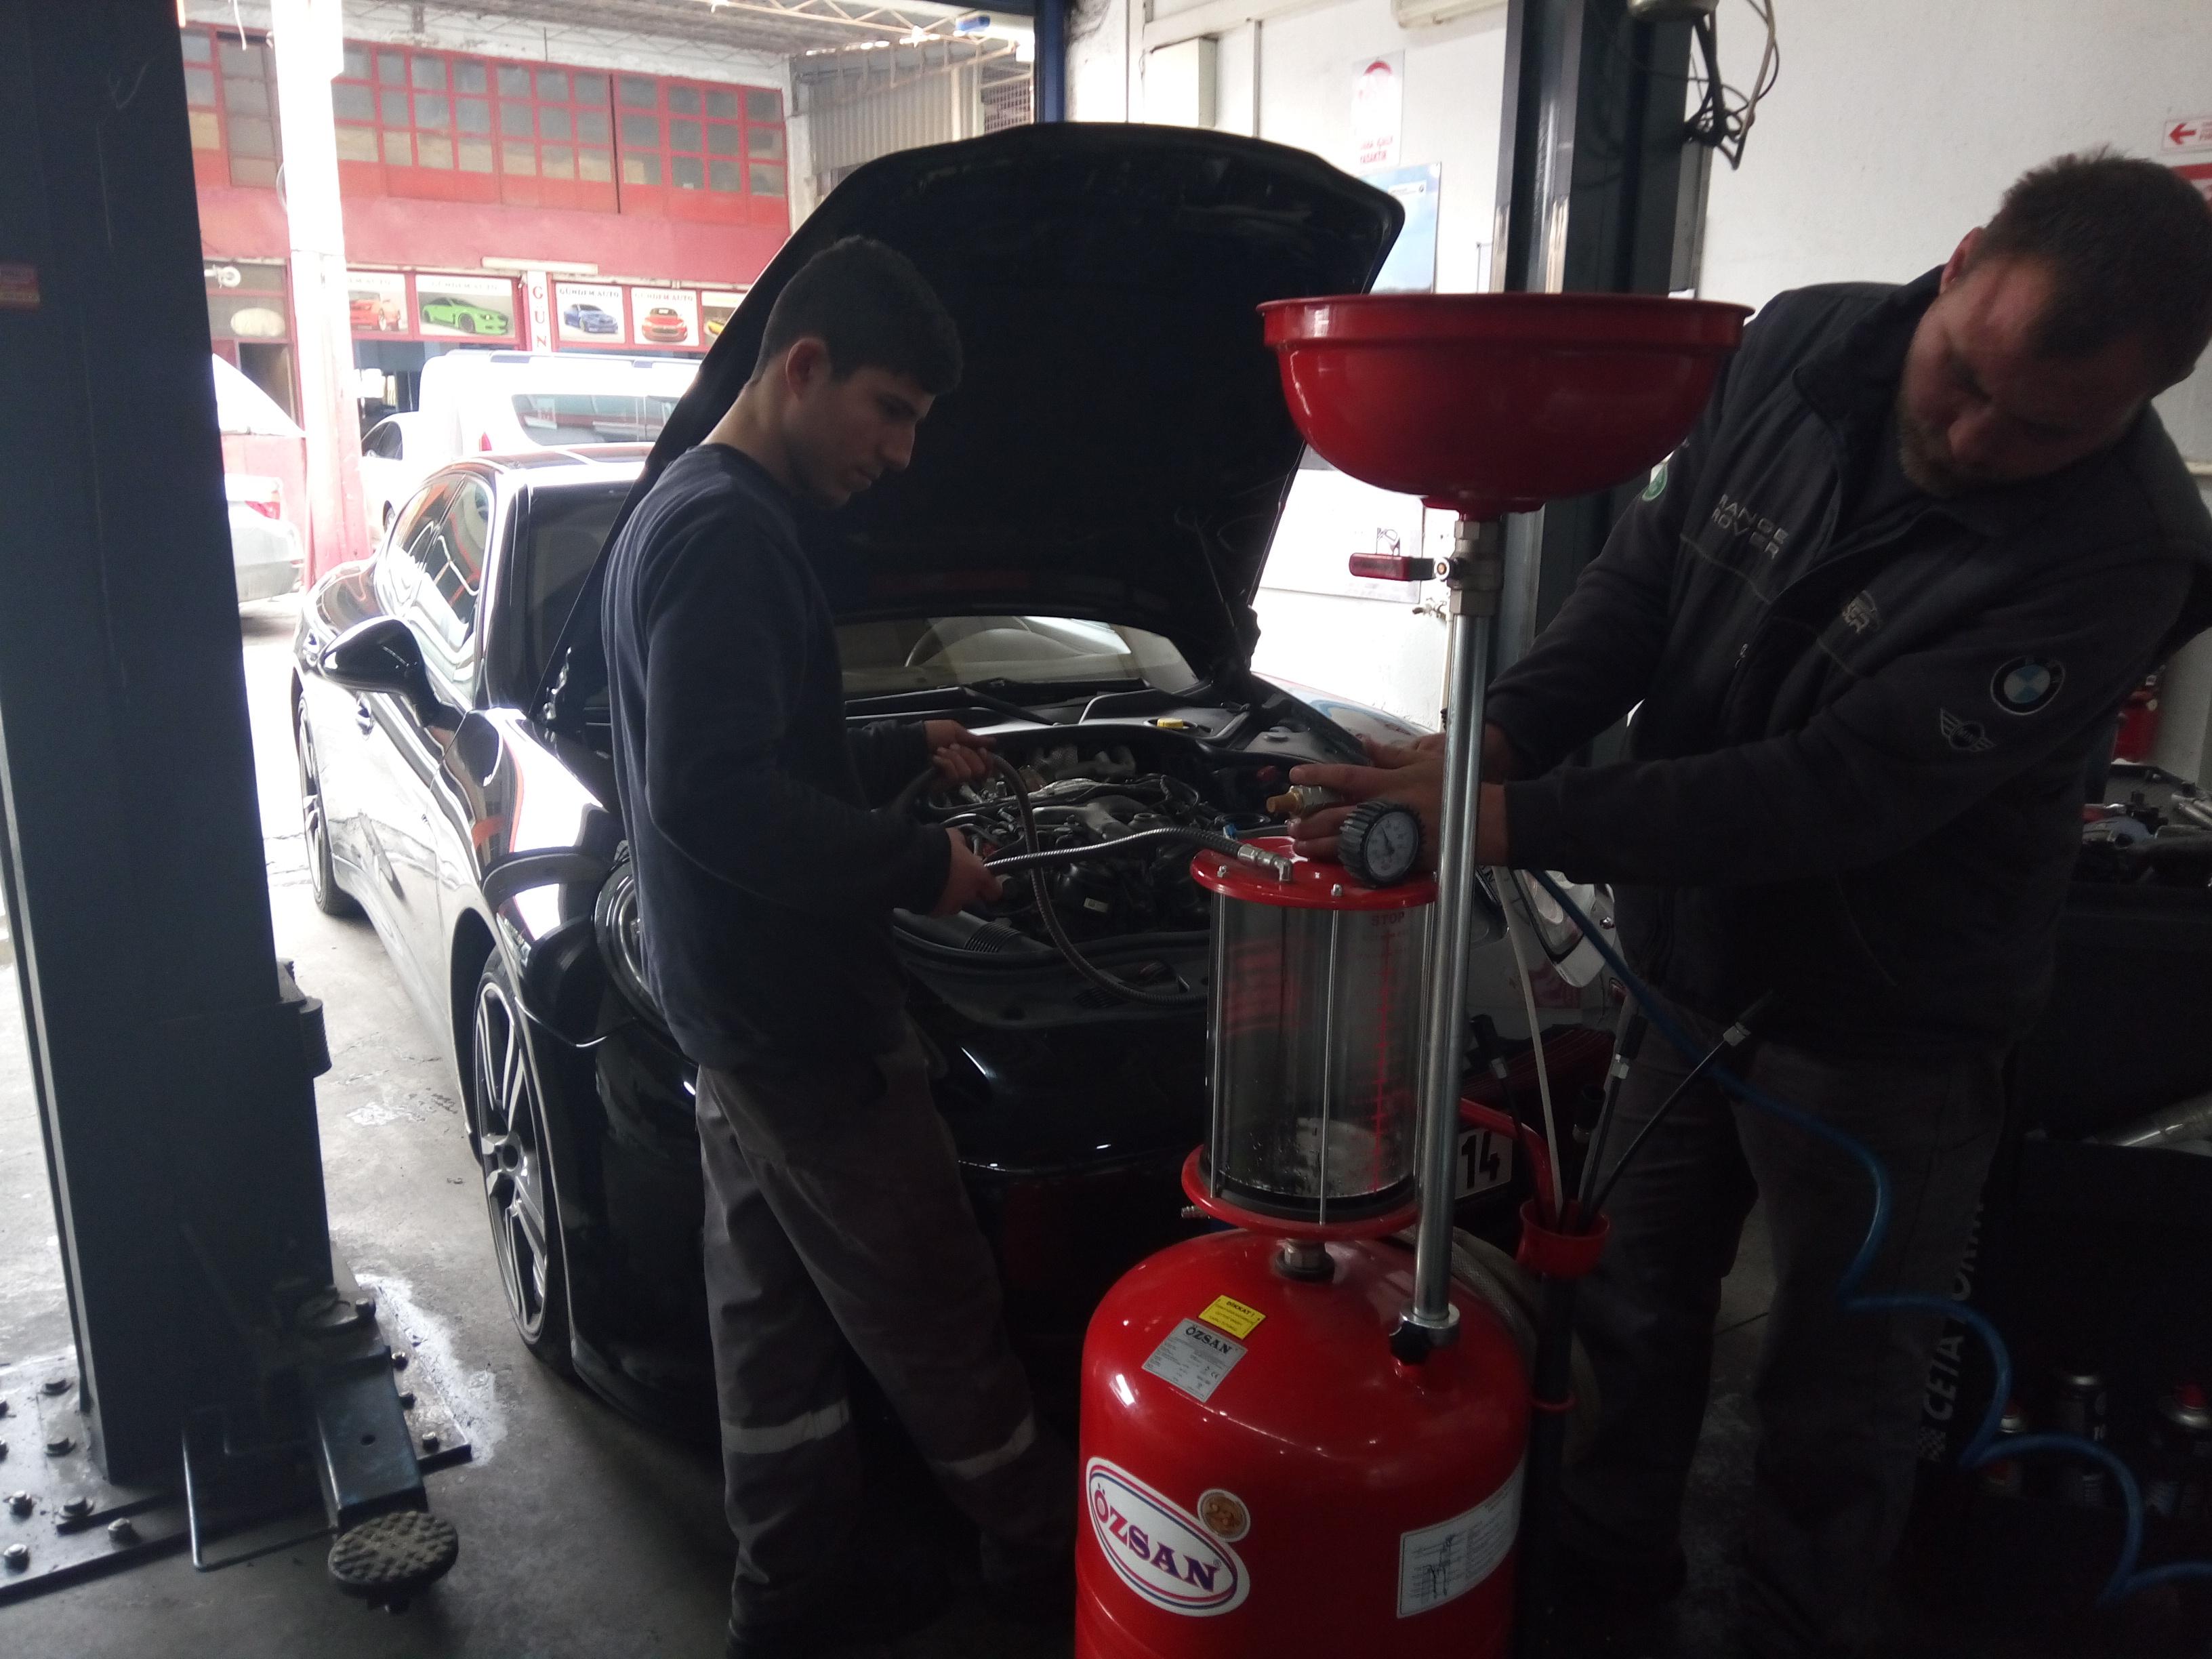 İzmir Porsche Panamera Periyodik Bakım, Motor Yağı, Yağ Filtresi, Hava Filtresi, Polen Filtresi ve Yakıt Filtresi Değişimi